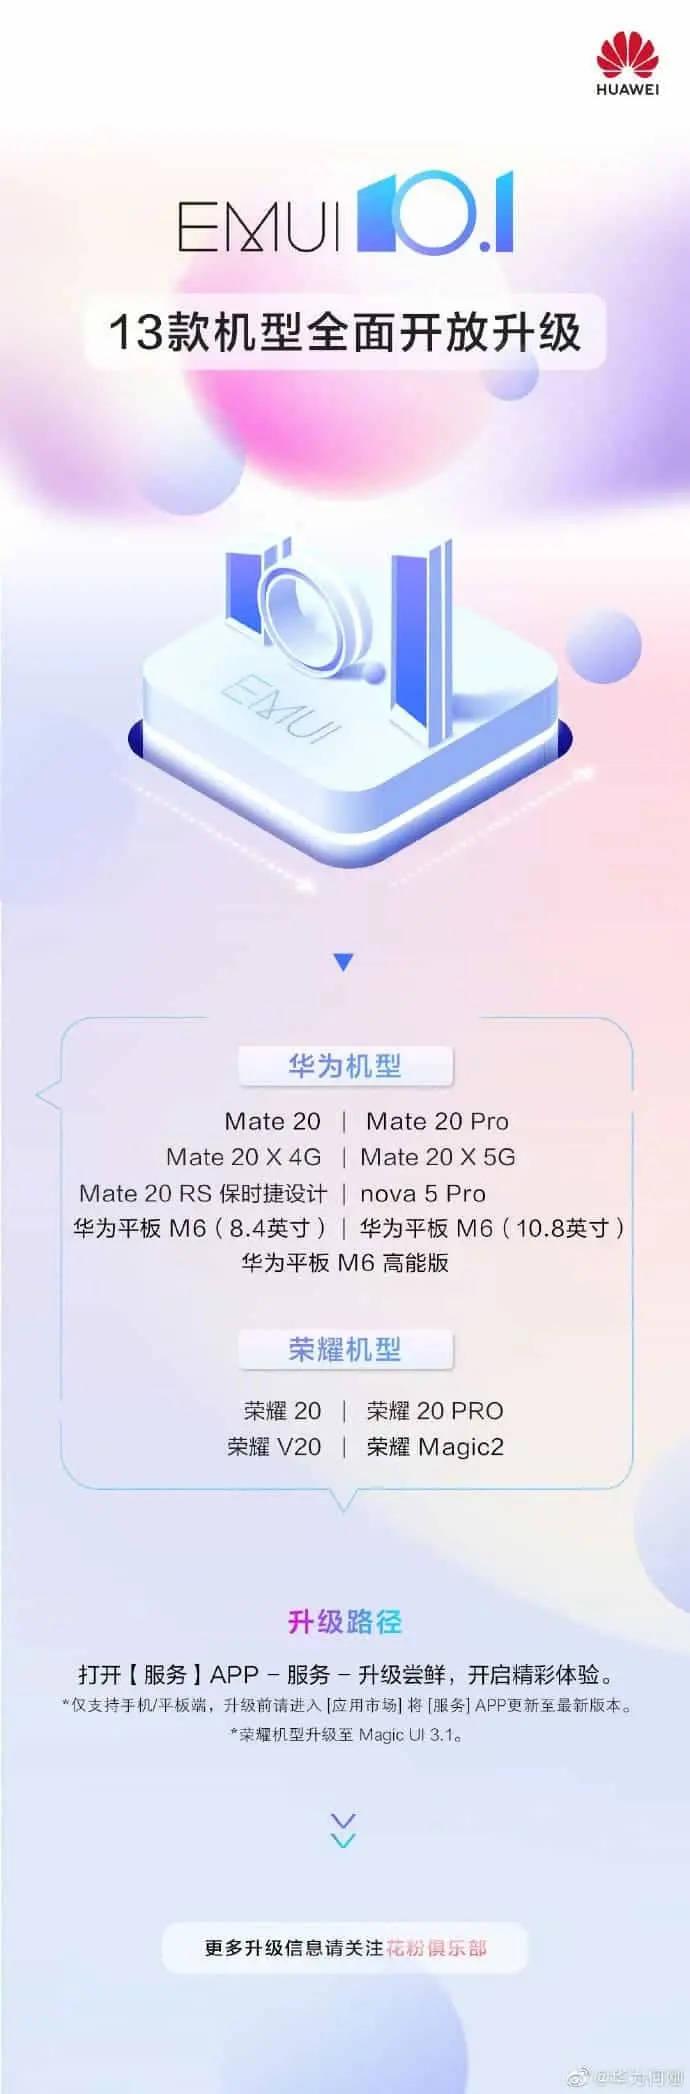 aktualizacja do EMUI 10.1 Stable Huawei Mate 20 Pro Magic UI 3.1 dla Honor